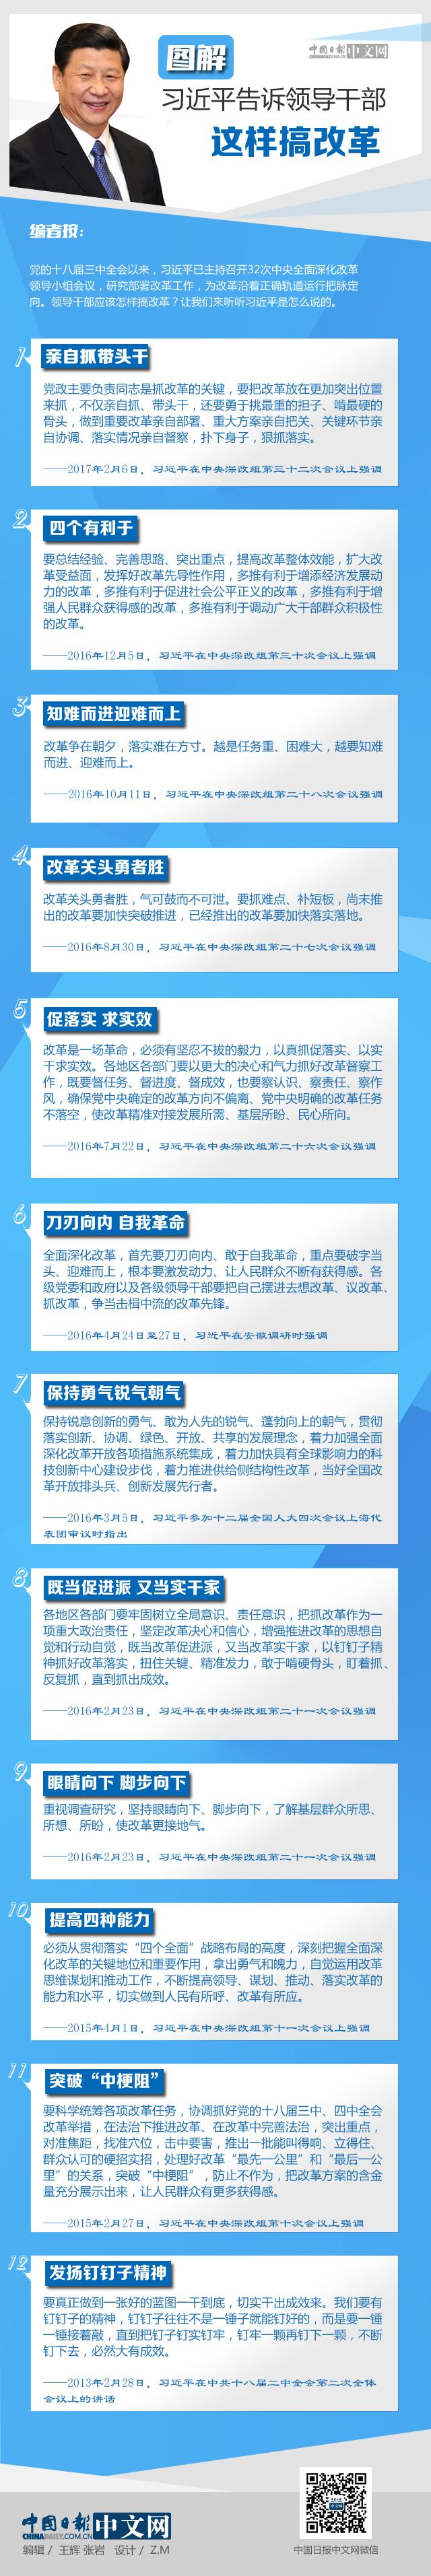 图解:习近平告诉领导干部这样搞改革